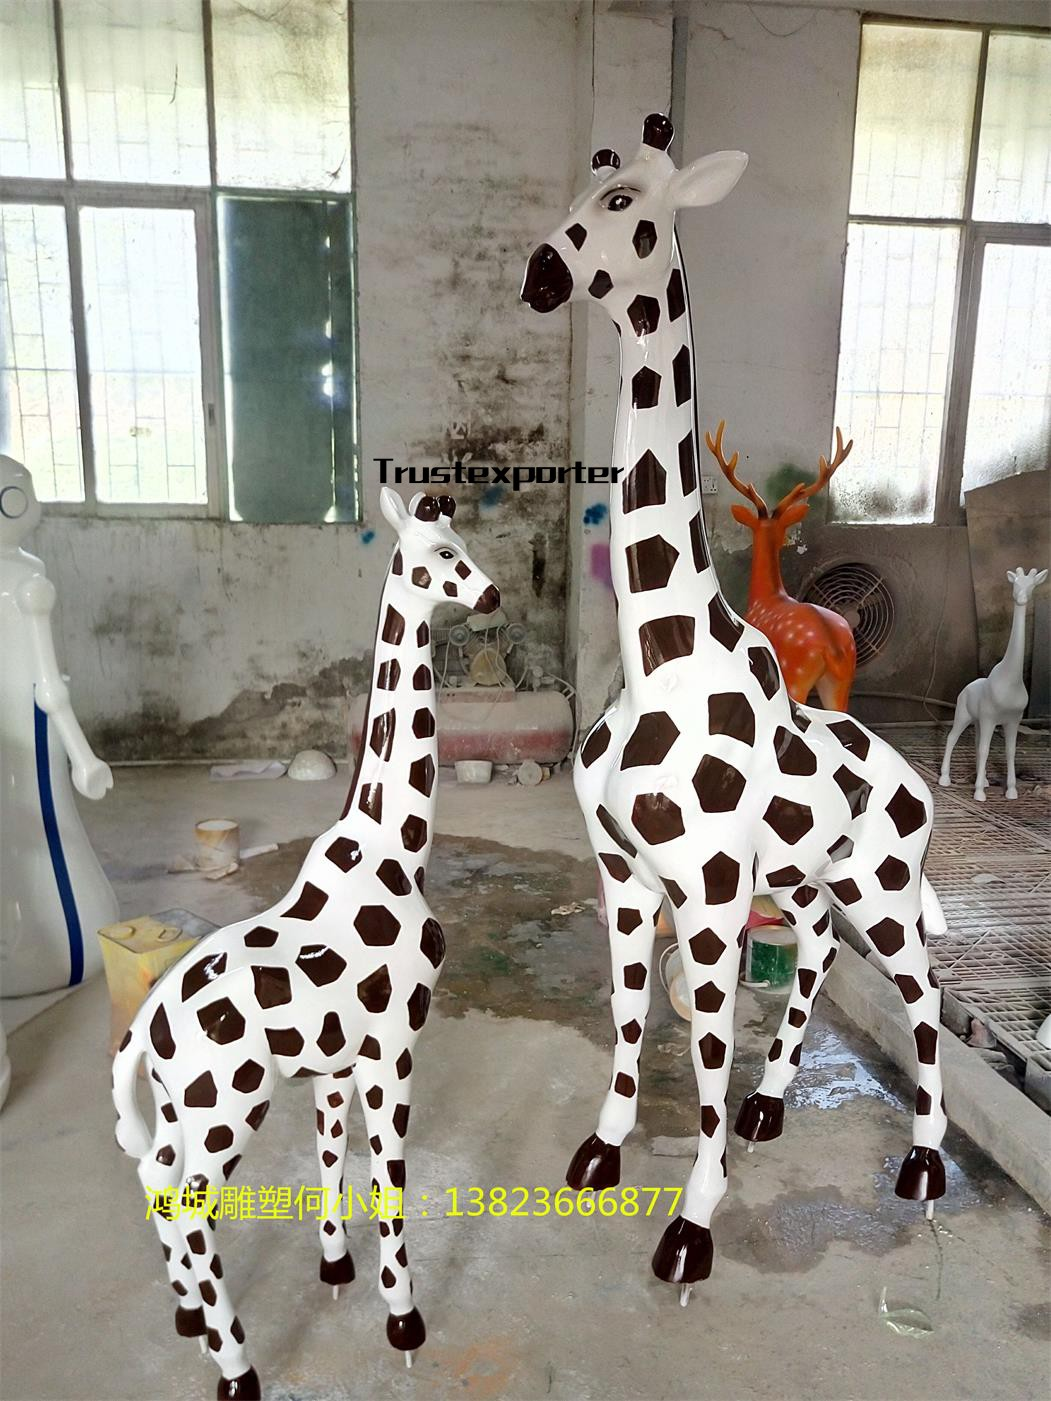 野生动物园雕塑摆件 大型长颈鹿雕塑装饰